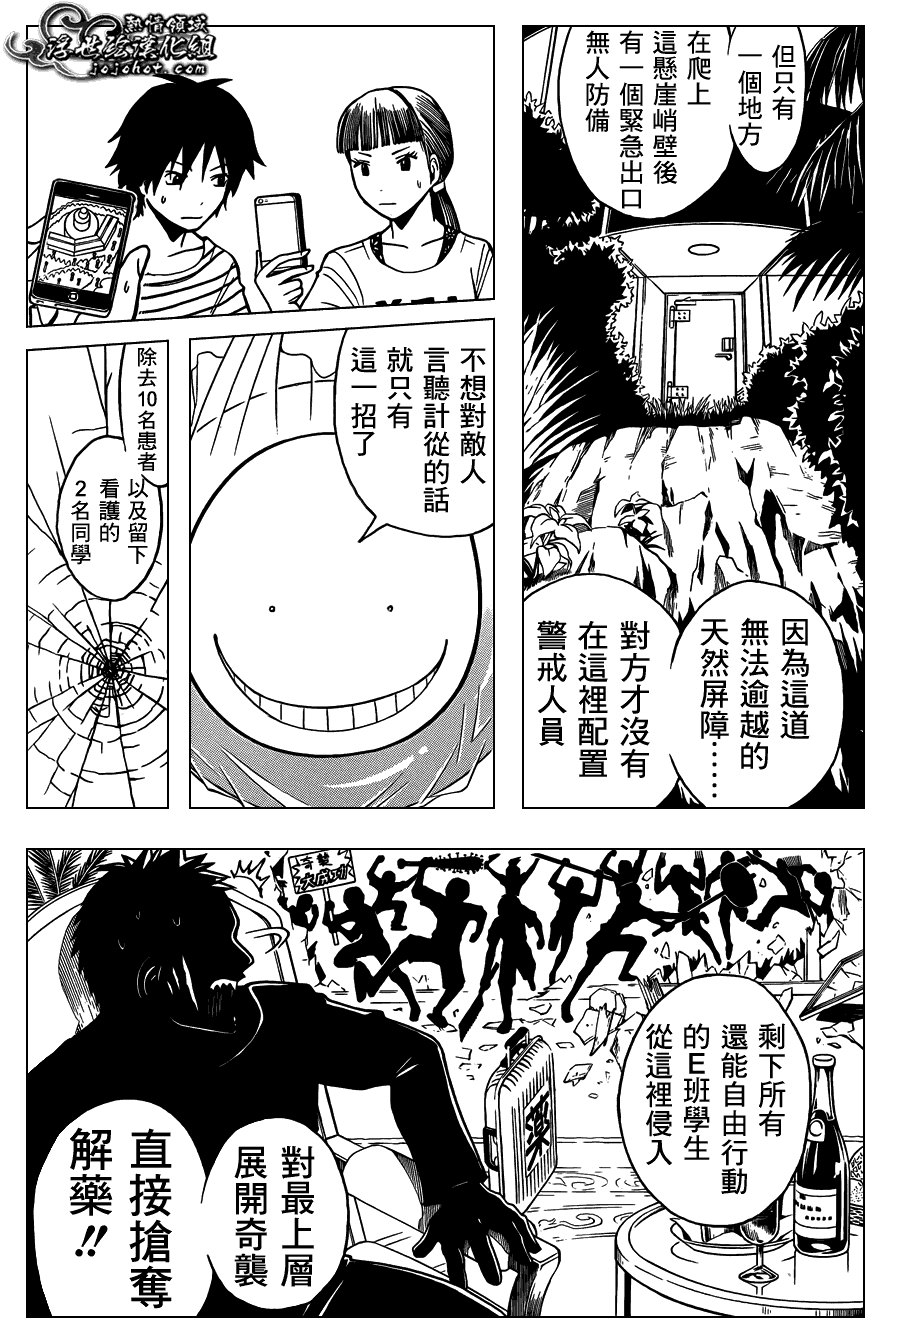 暗殺教室: 61話 - 第13页